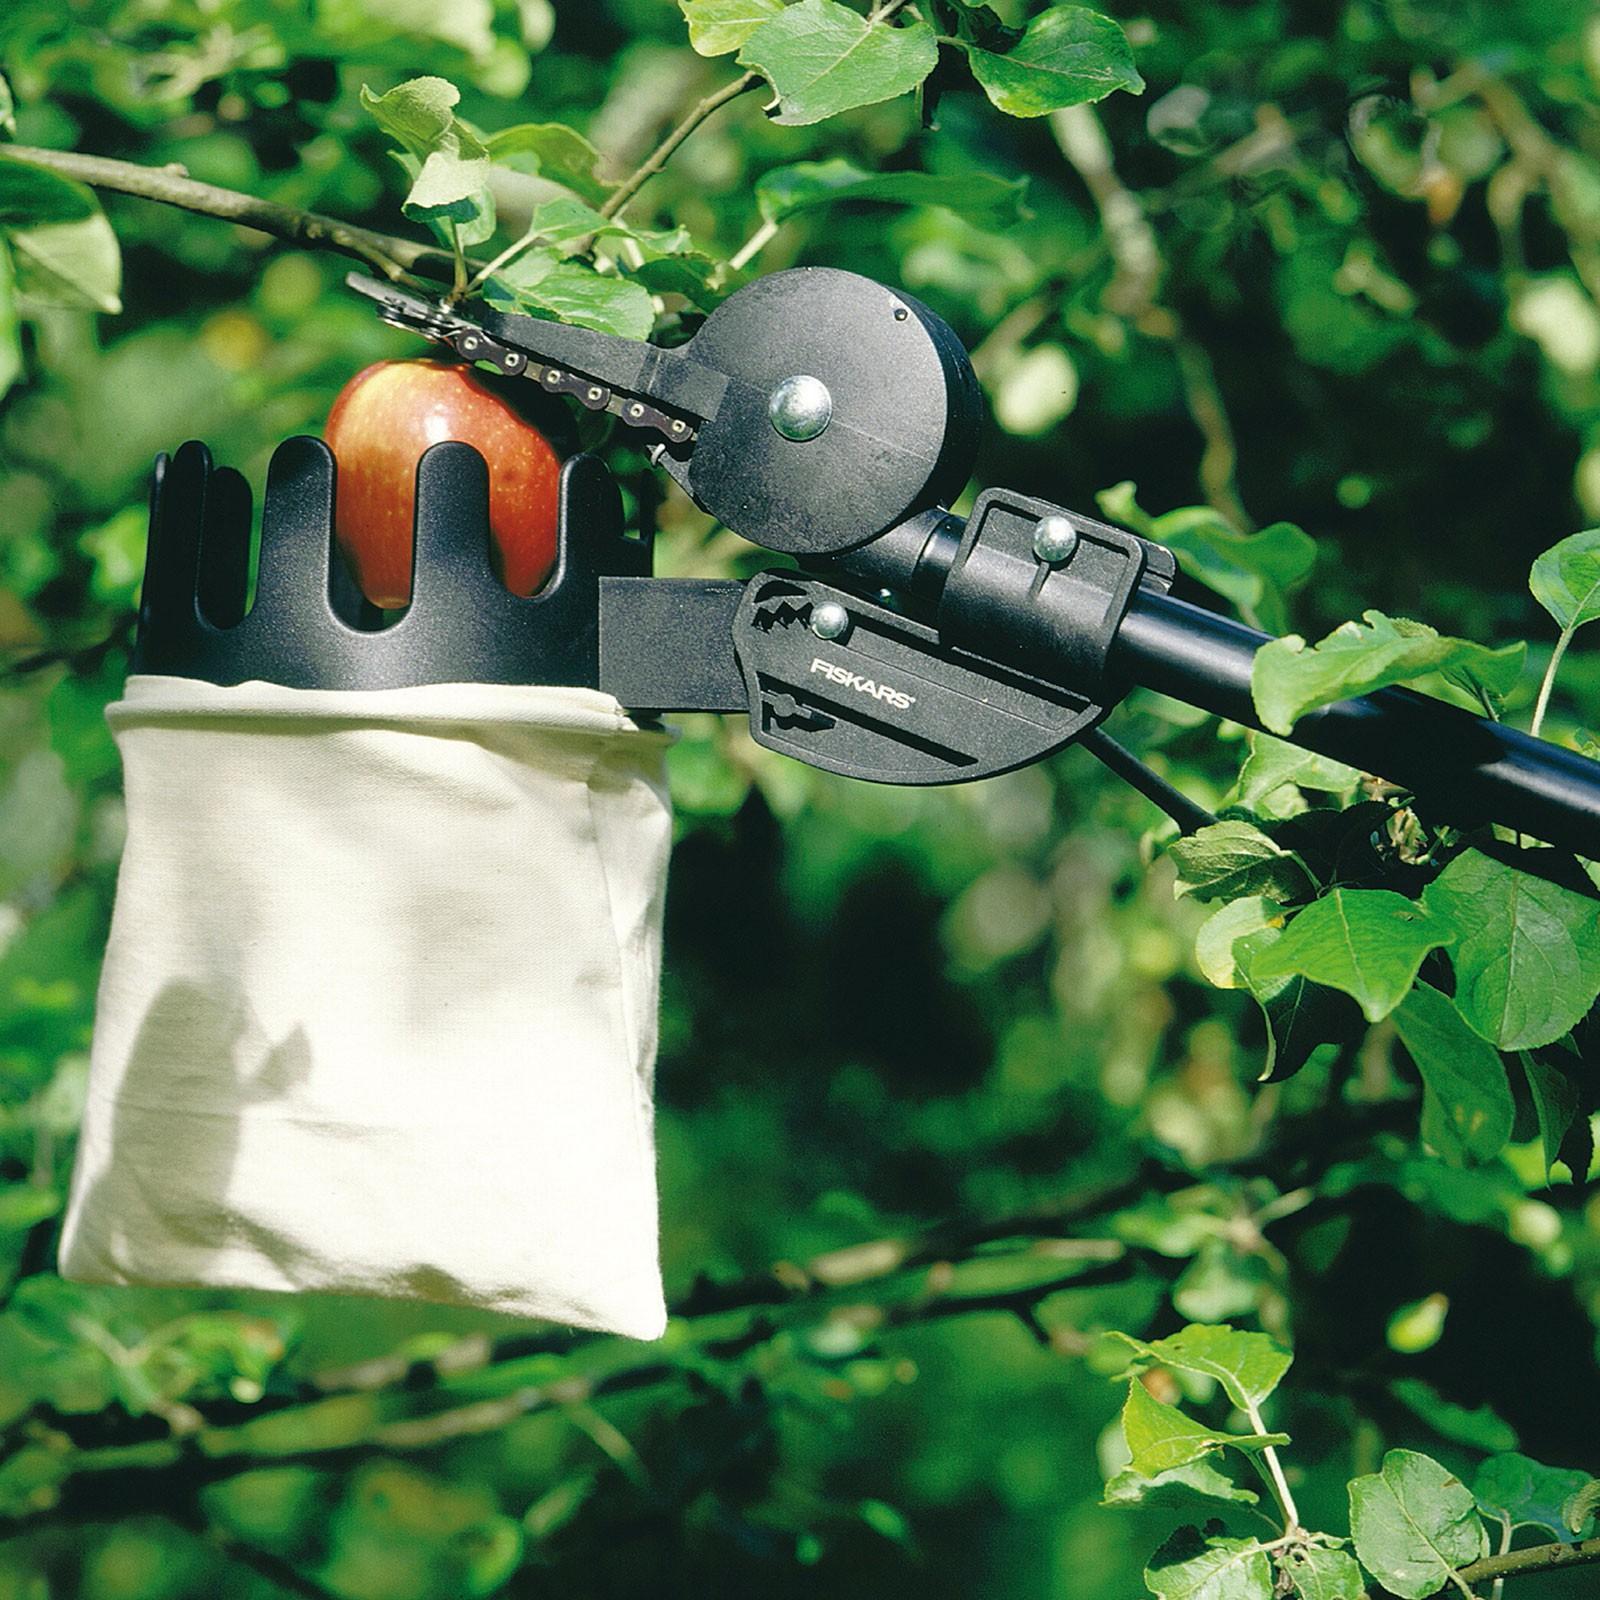 Fiskars Obstpflücker als Zubehör zu Schneidgiraffe UP, Obsternte, Obstverarbeitung, Obstbaum, Hochernte, 6411501969705, 164009